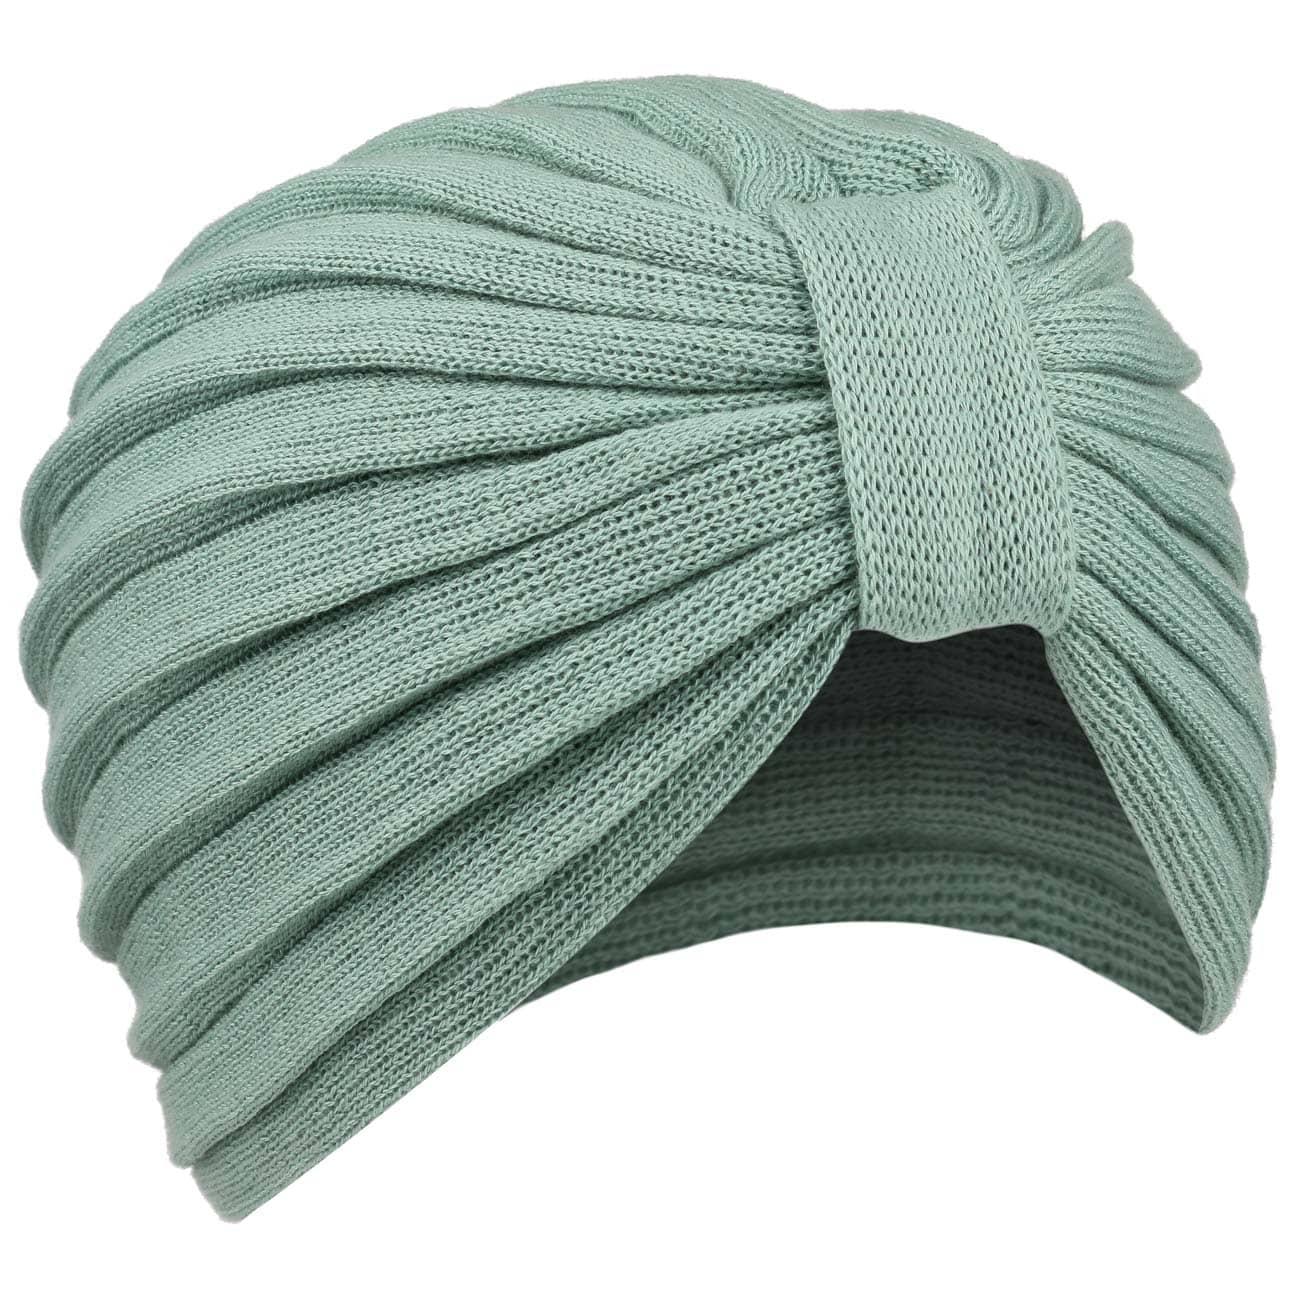 Turban en Coton Kalisa by McBURN  coiffe en tissu